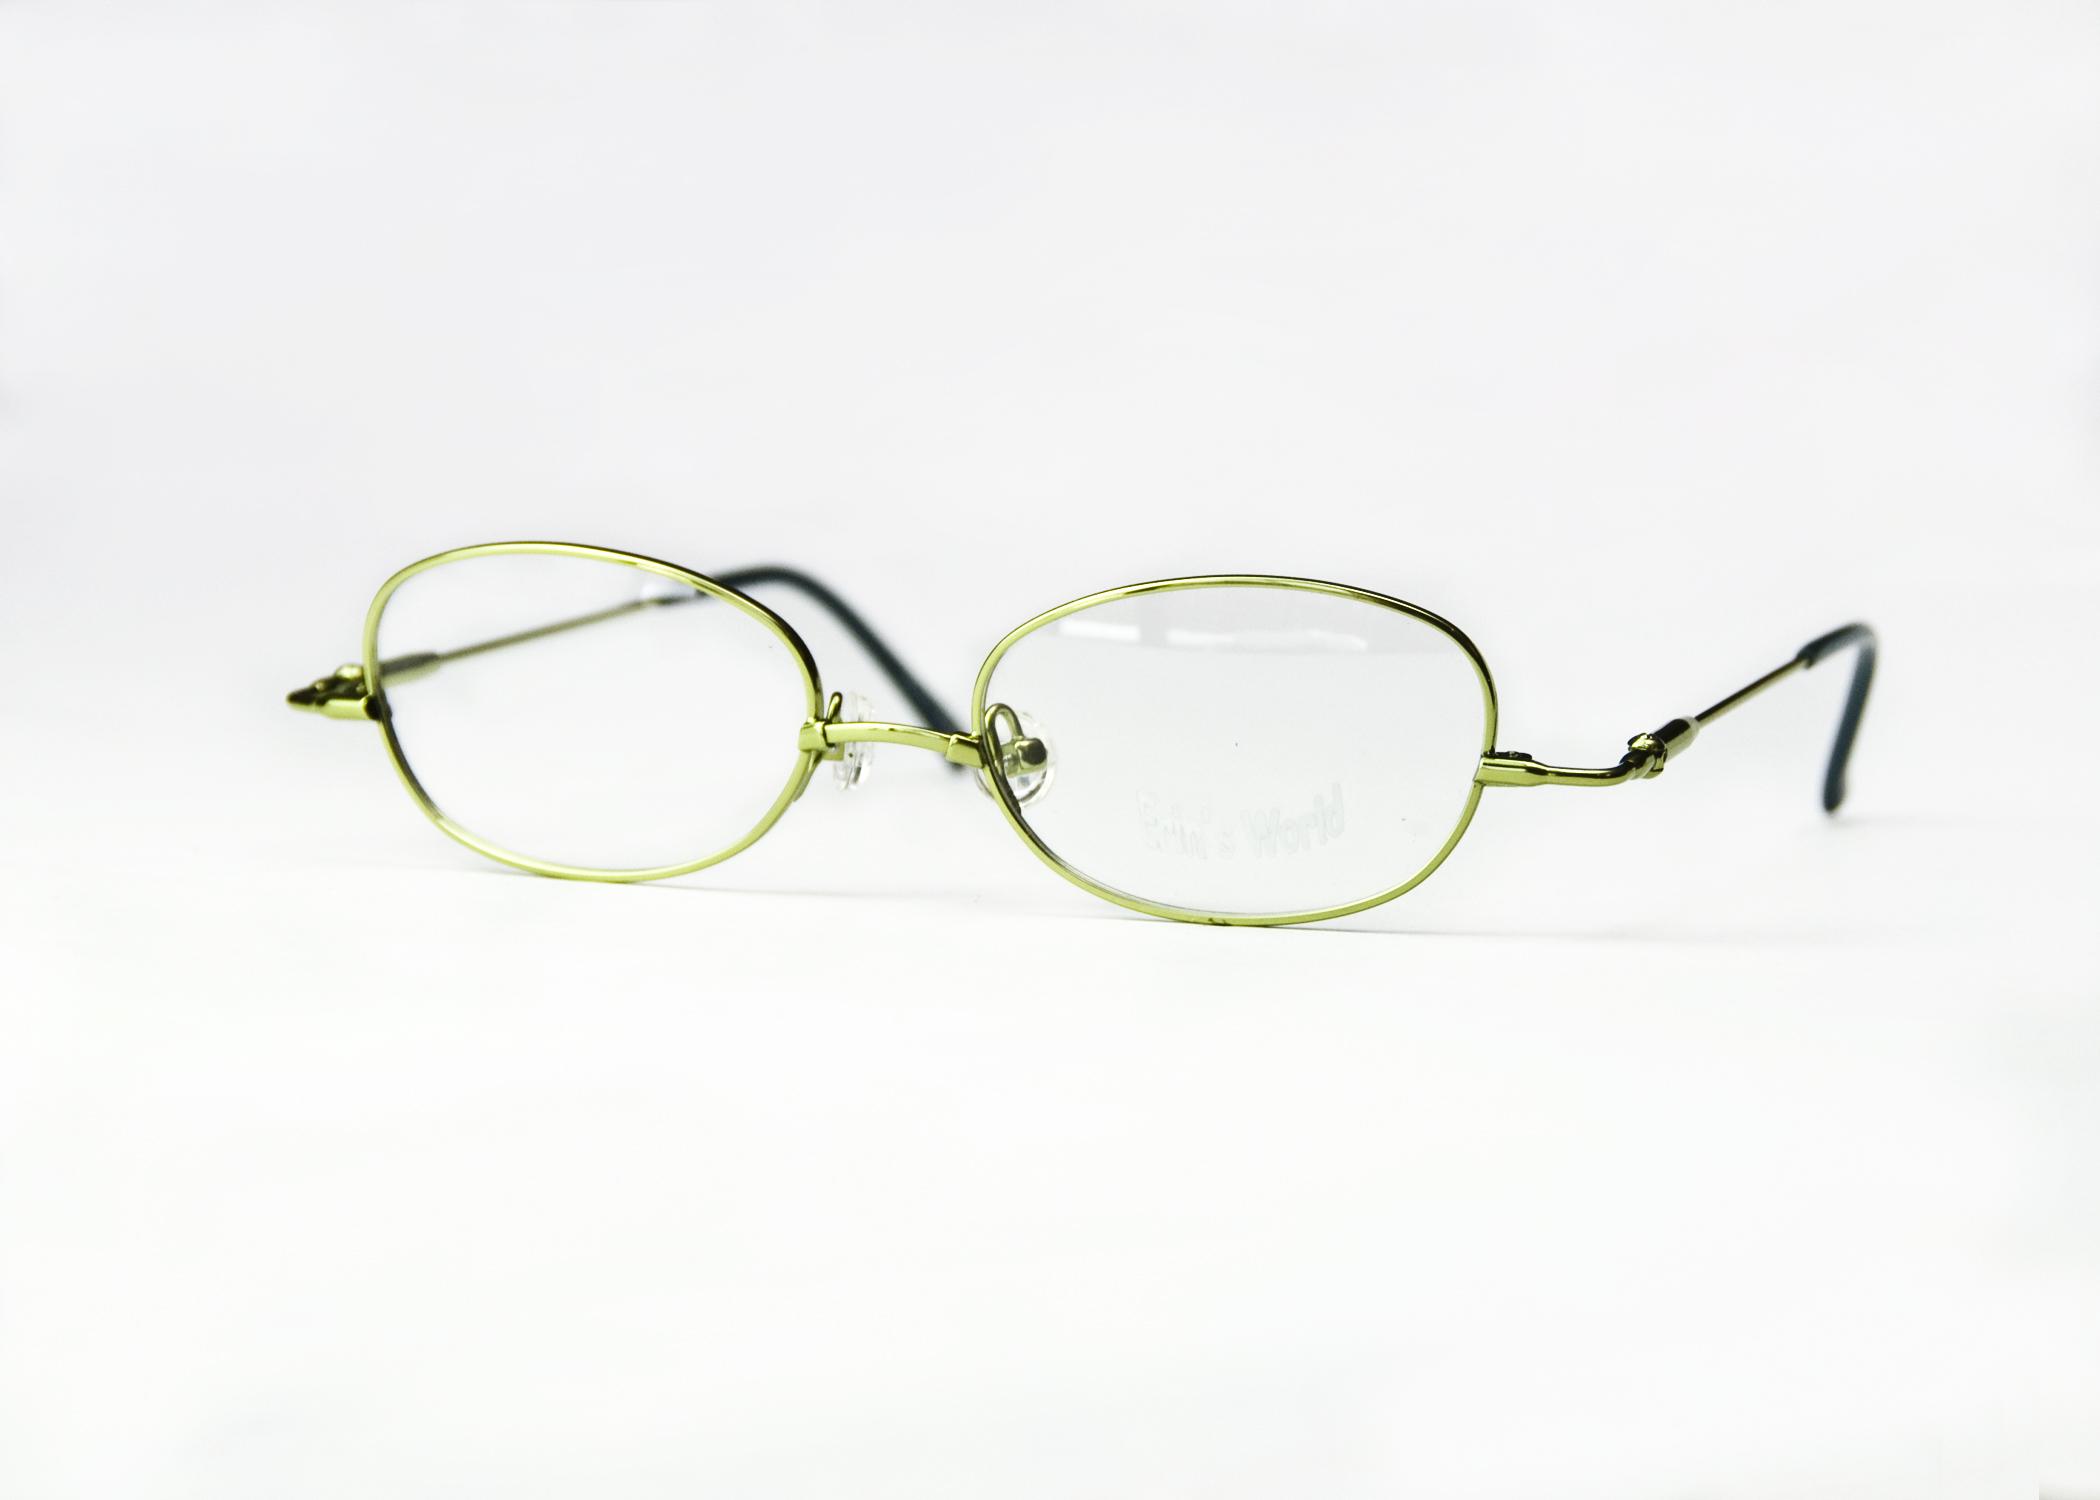 69f6fd9f1f Eyewear for Kids - Girl 8-10 years - Optiwow